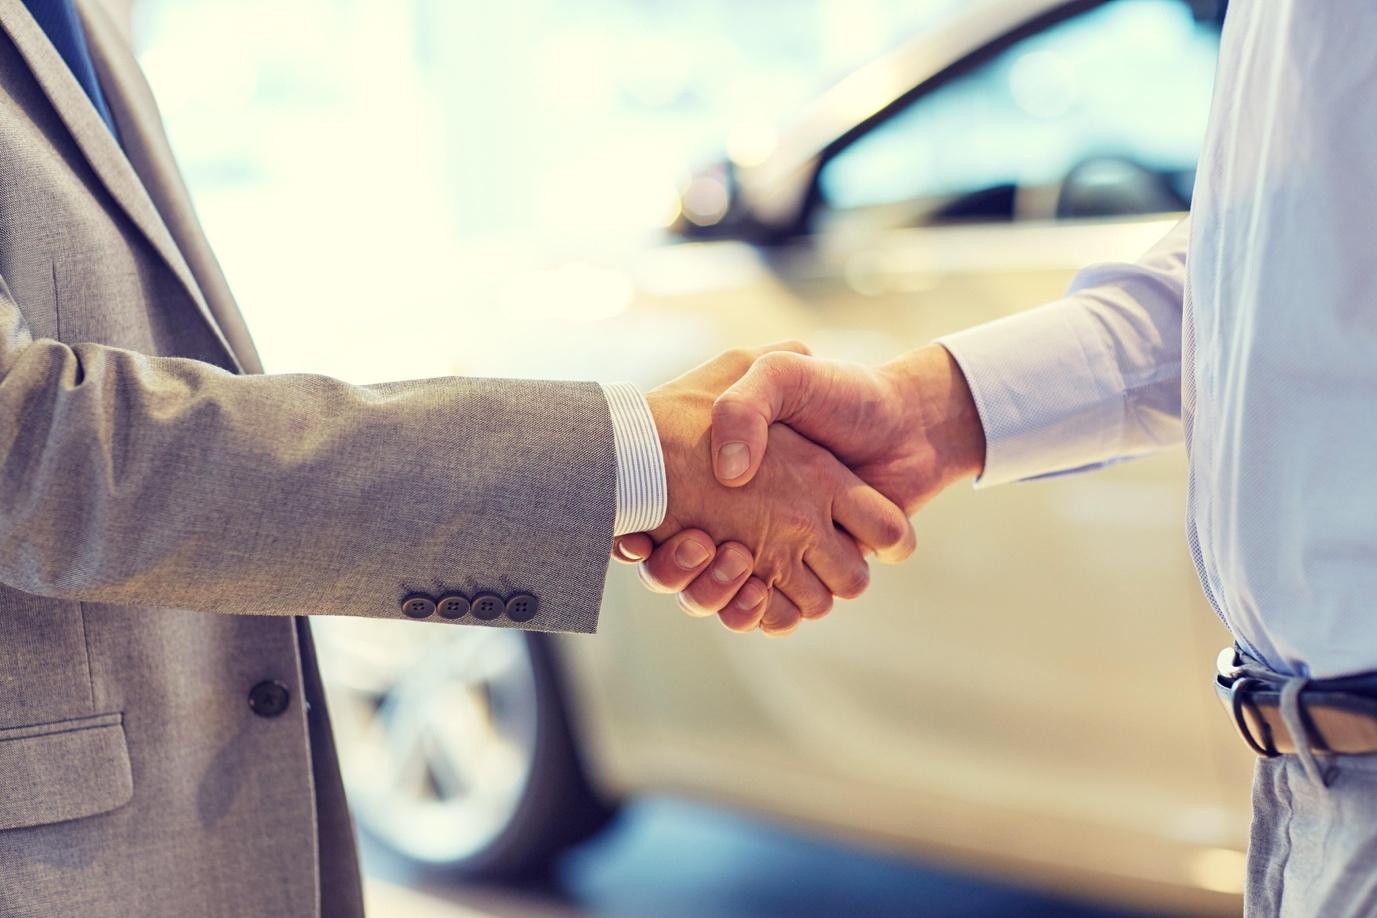 أسرار الربح من الإنترنت عن طريق بيع السيارات بنظام التسويق بالعمولة